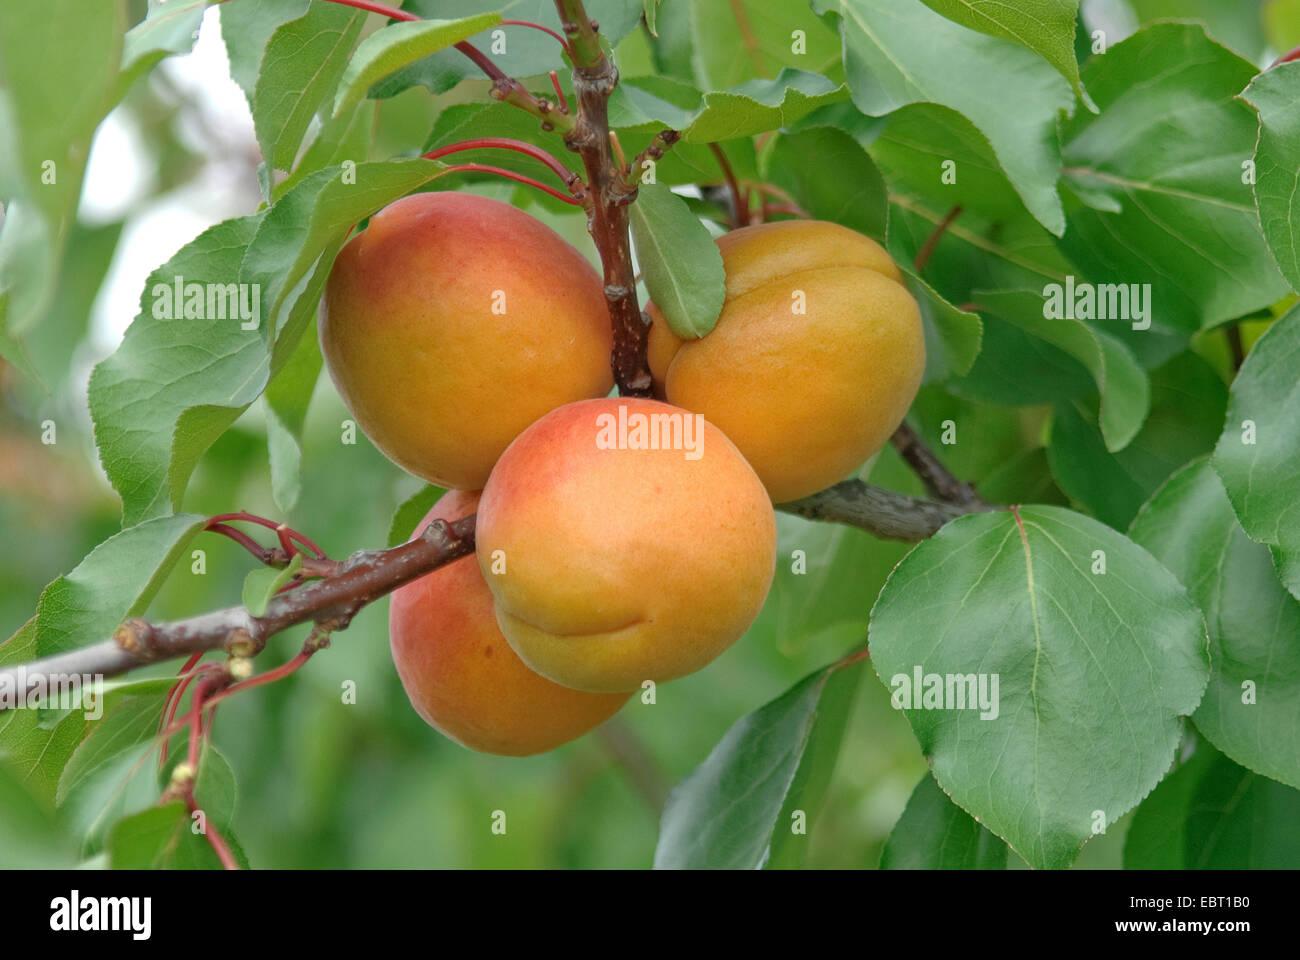 apricot tree (Prunus armeniaca 'Orangered', Prunus armeniaca Orangered), cultivar Orangered, apricots on - Stock Image